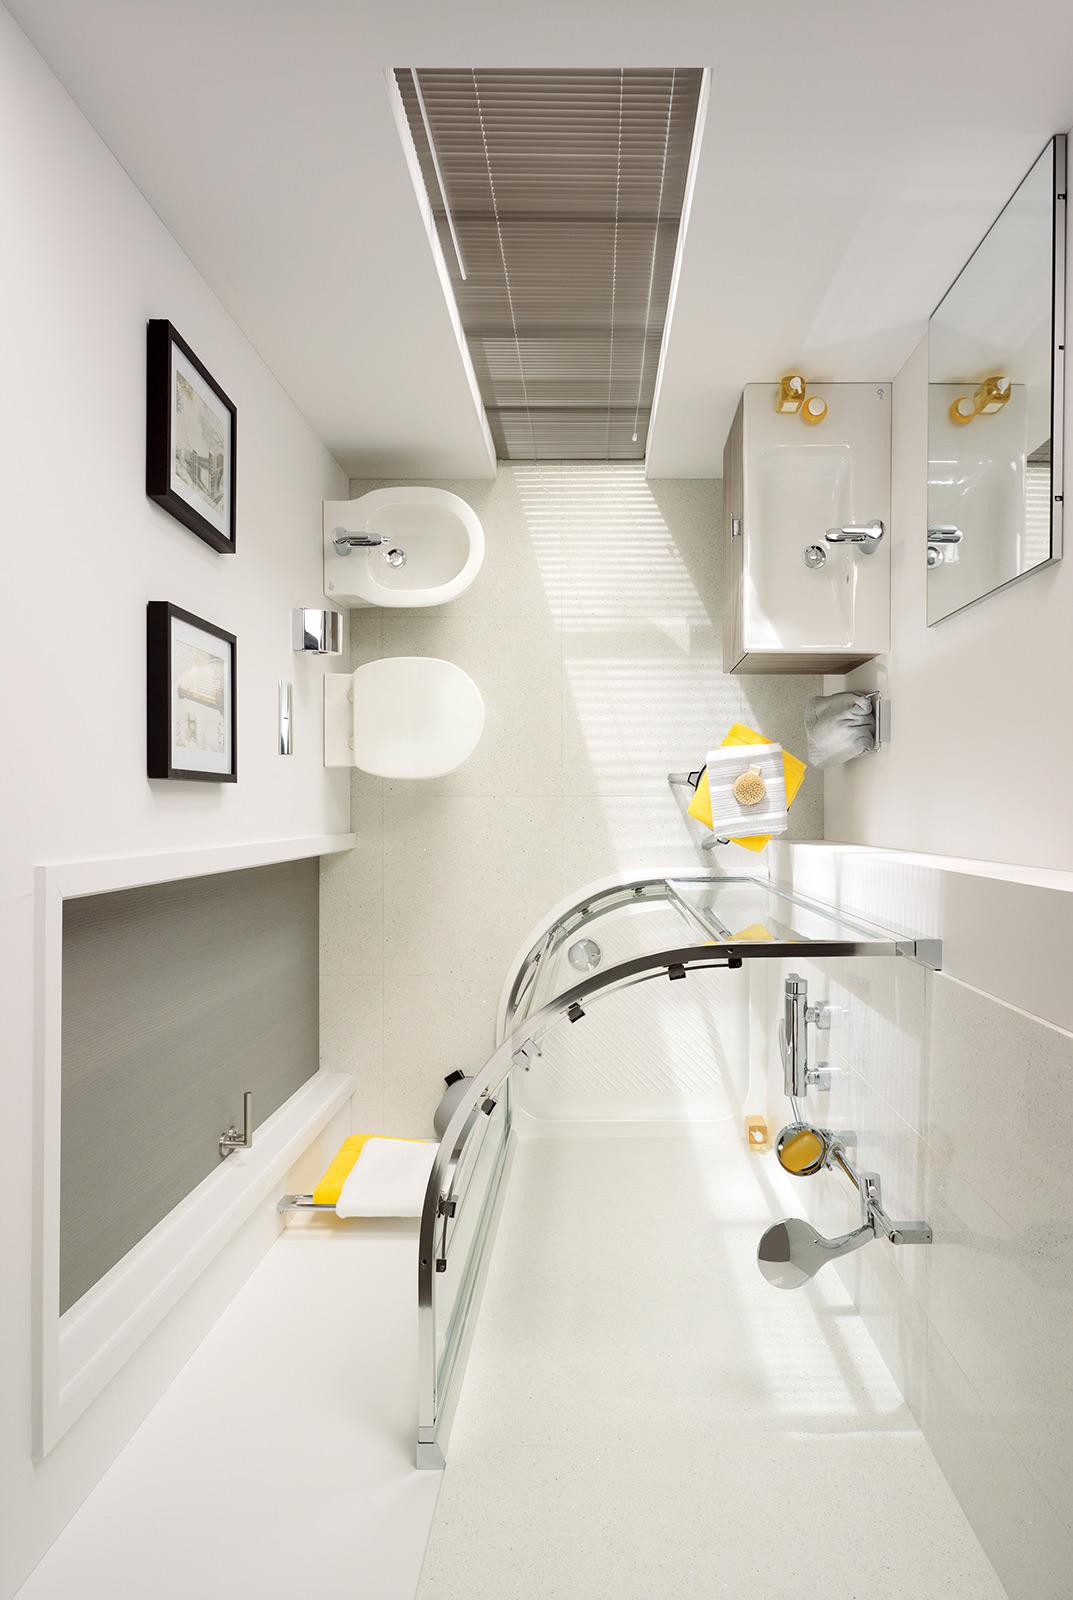 Le dimensioni dei sanitari ideali per il tuo bagno piccolo - Bagnolandia